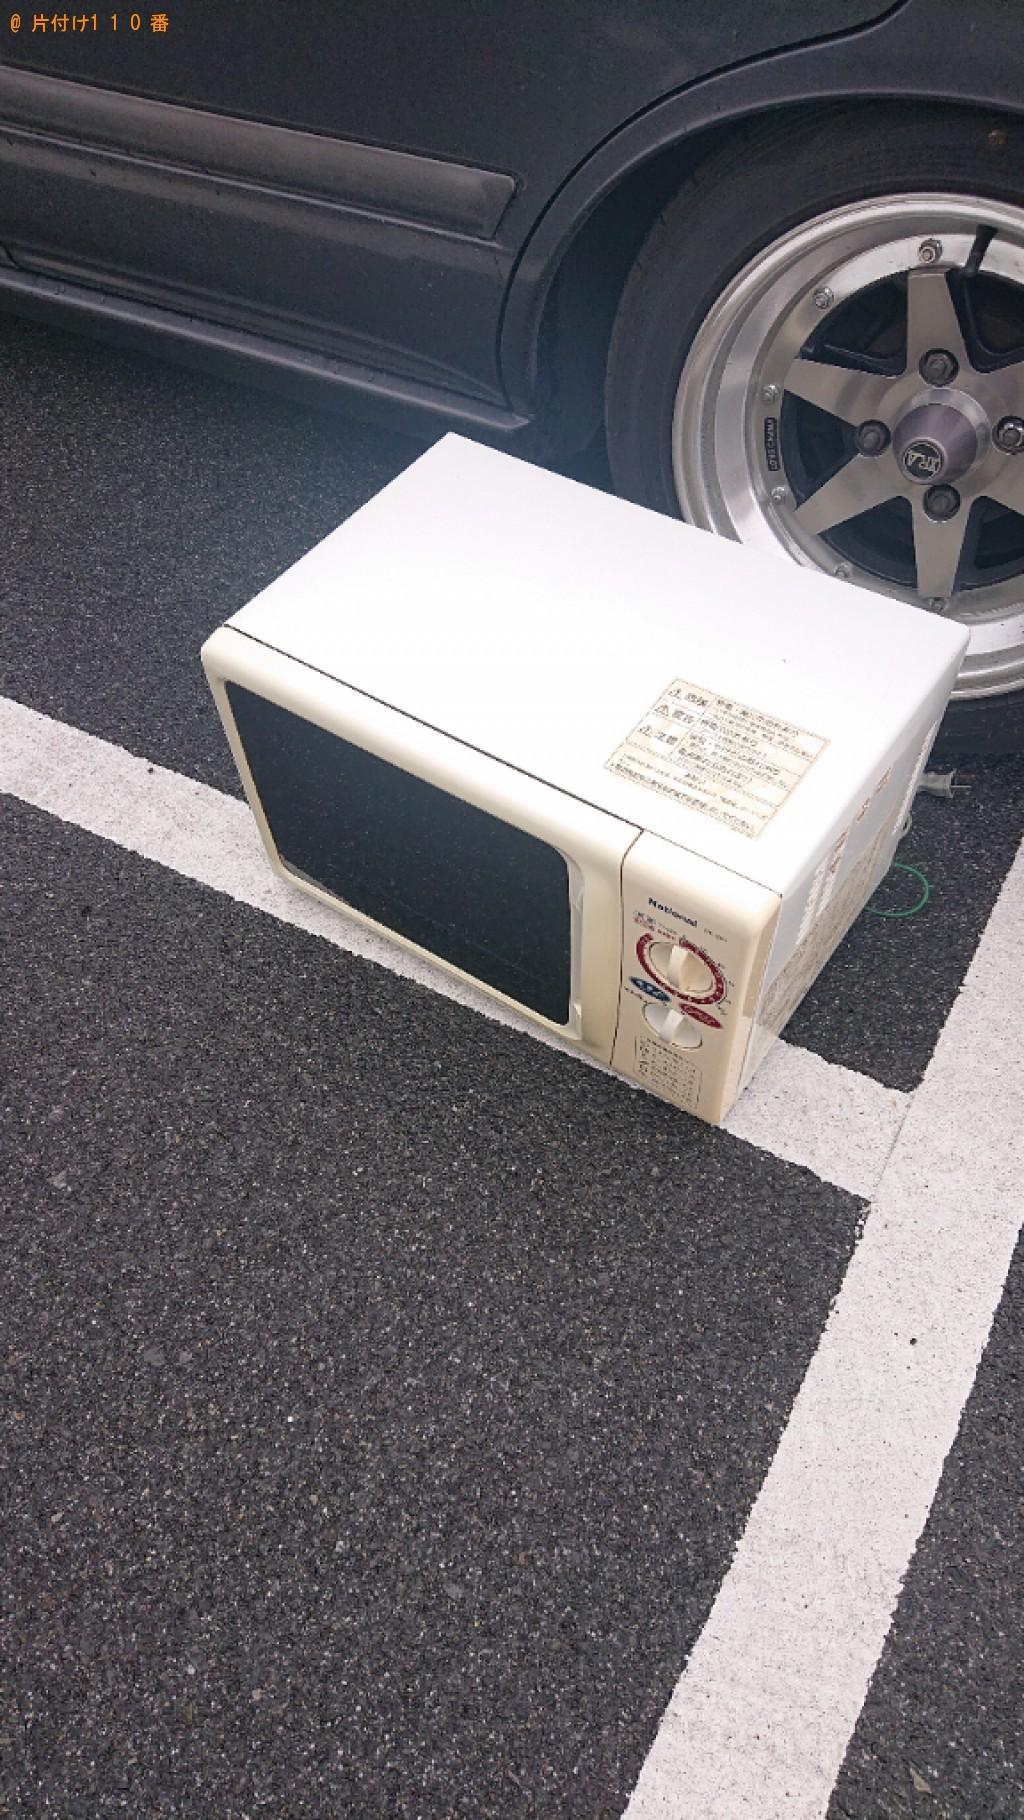 【北葛城郡】洗濯機、電子レンジの回収・処分ご依頼 お客様の声